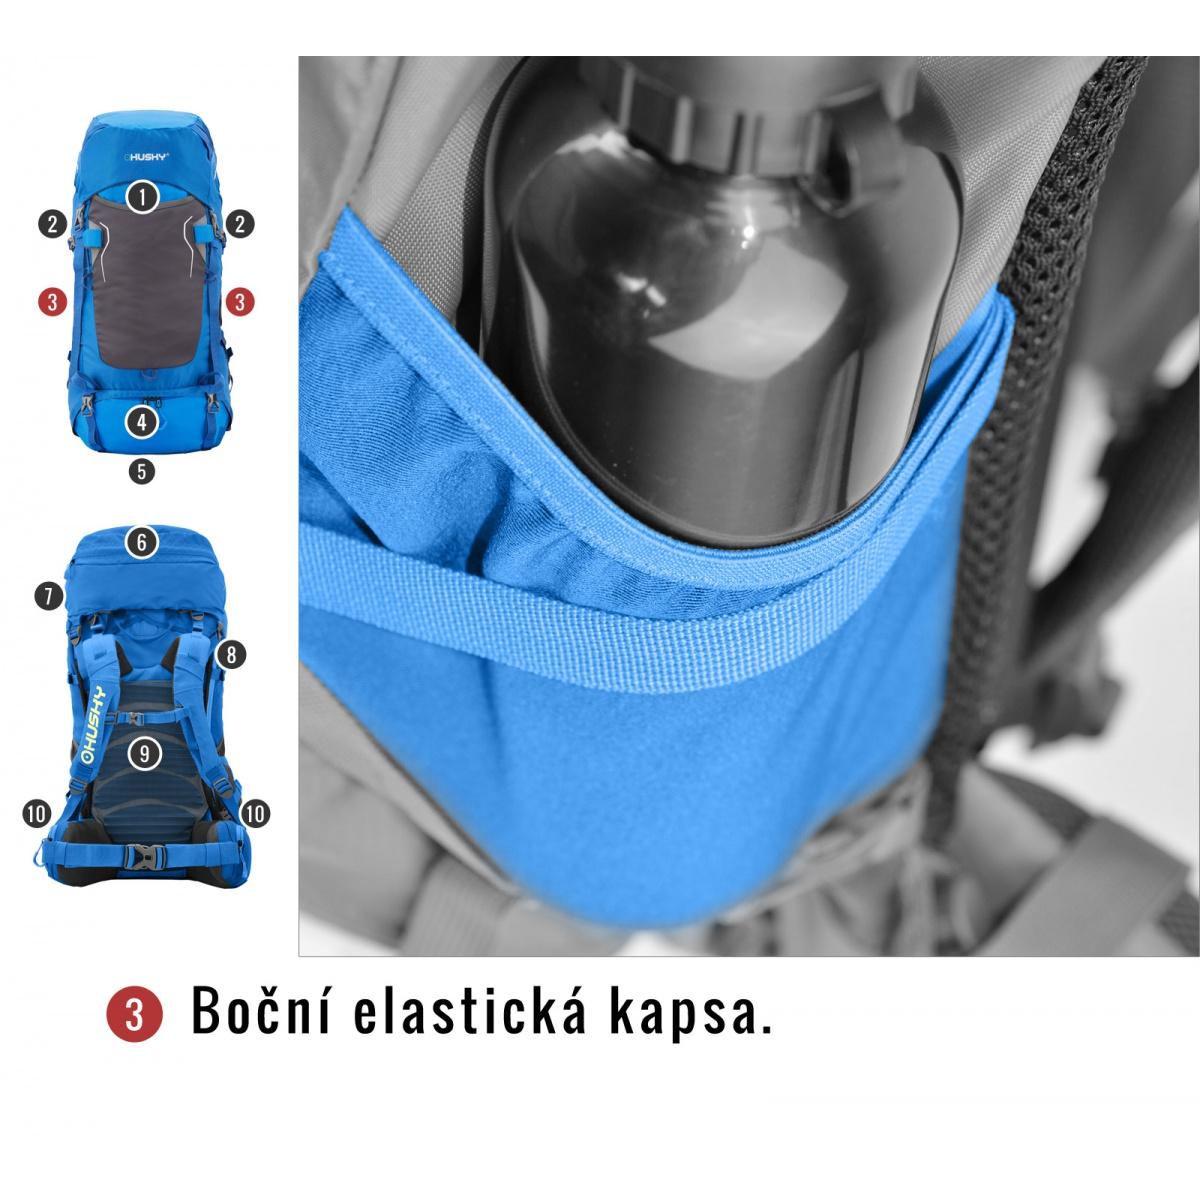 696a41a3c Batoh Ultralight - Rony 50l – modrá | HUSKYCZ.CZ